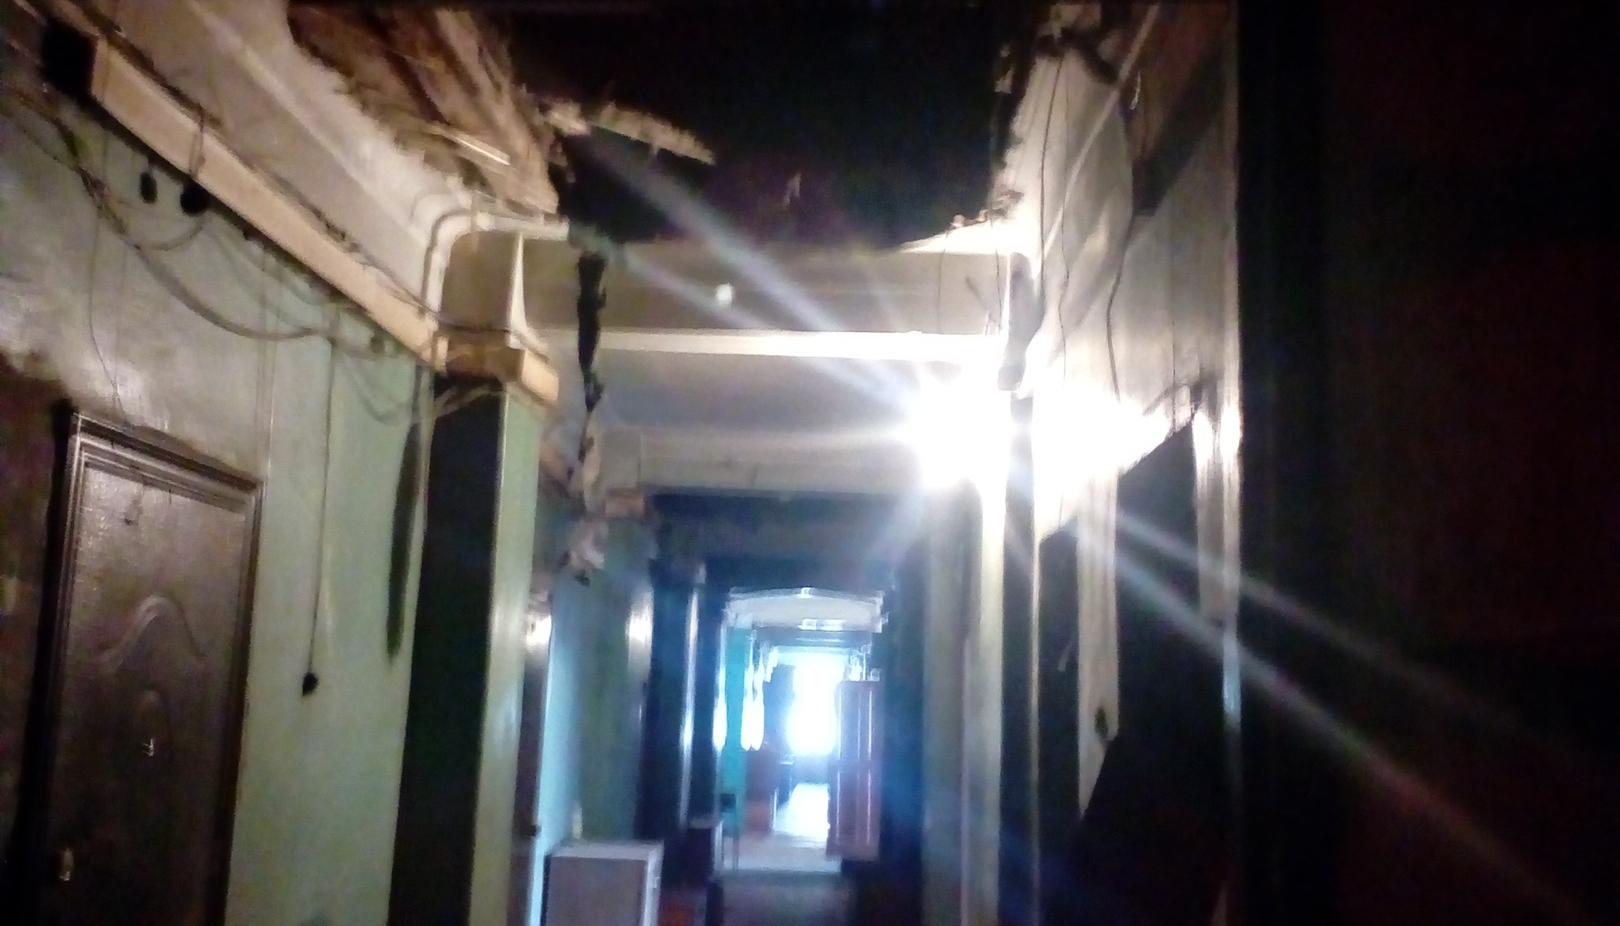 Съемочную группу НТ вывели из здания из-за угрозы его обрушения